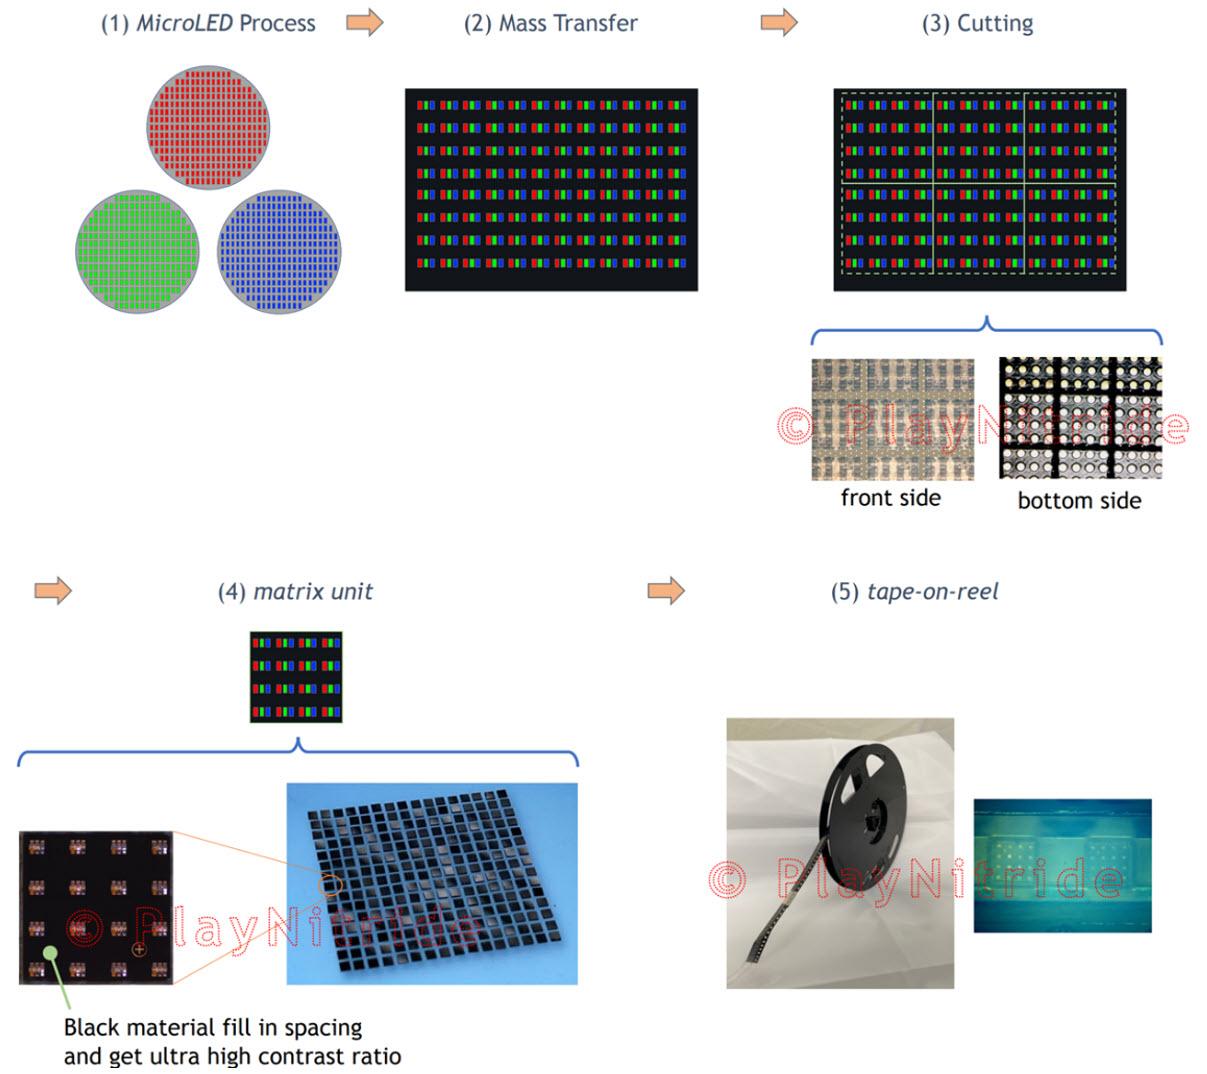 印刷如何影响MicroLED,AMOLED,AMQLED和AR/VR 等(二)  第4张